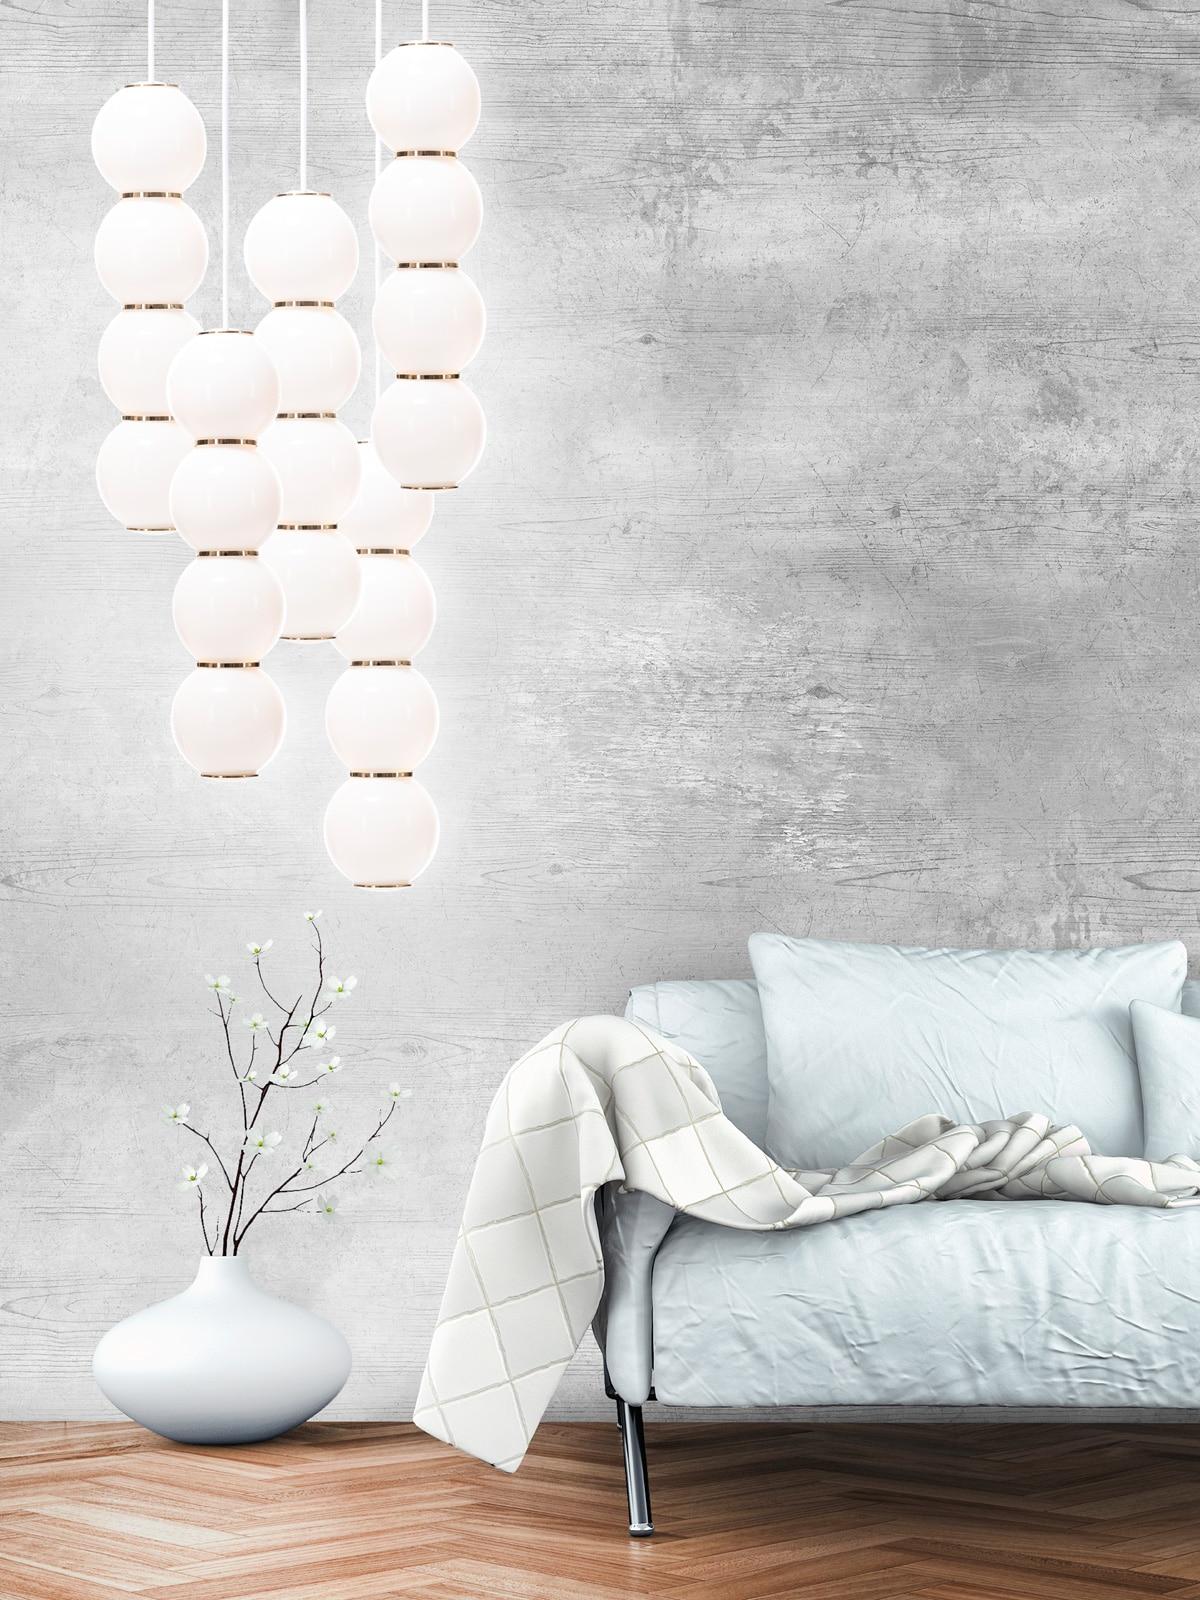 Designort Lampenblog Exklusive Designerleuchten Pendelleuchte Pearls von Formagenda